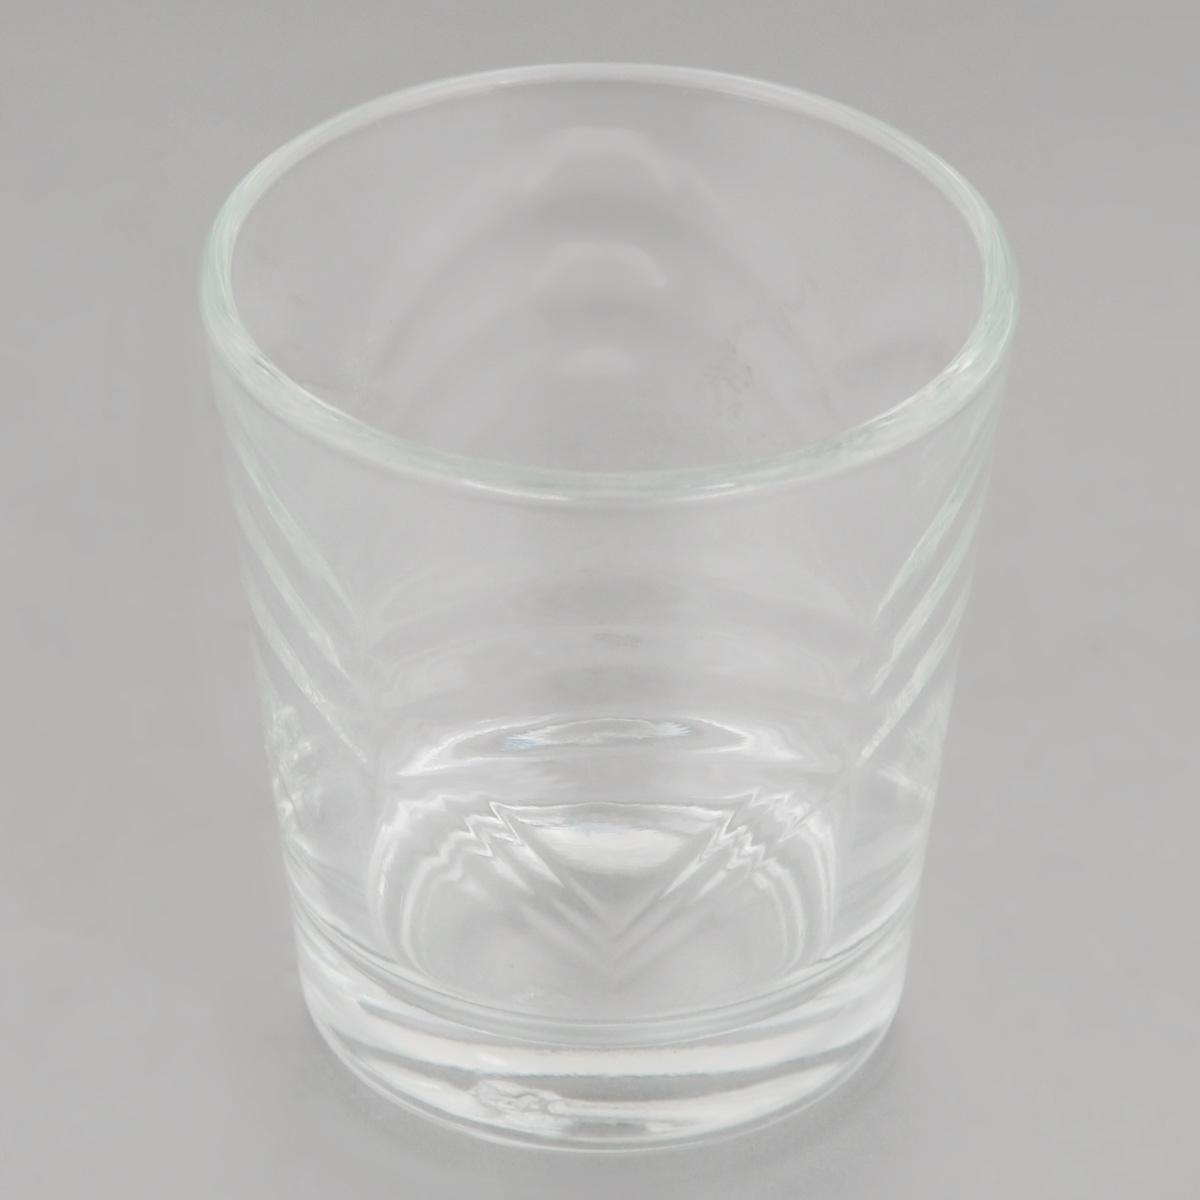 Стопка OSZ Сидней, 50 мл05c1269Стопка OSZ Сидней изготовлена из прозрачного стекла и идеально подходит для крепких спиртных напитков. Такая стопка станет отличным дополнением сервировки стола. Диаметр стопки (по верхнему краю): 5 см. Высота стопки: 6 см.